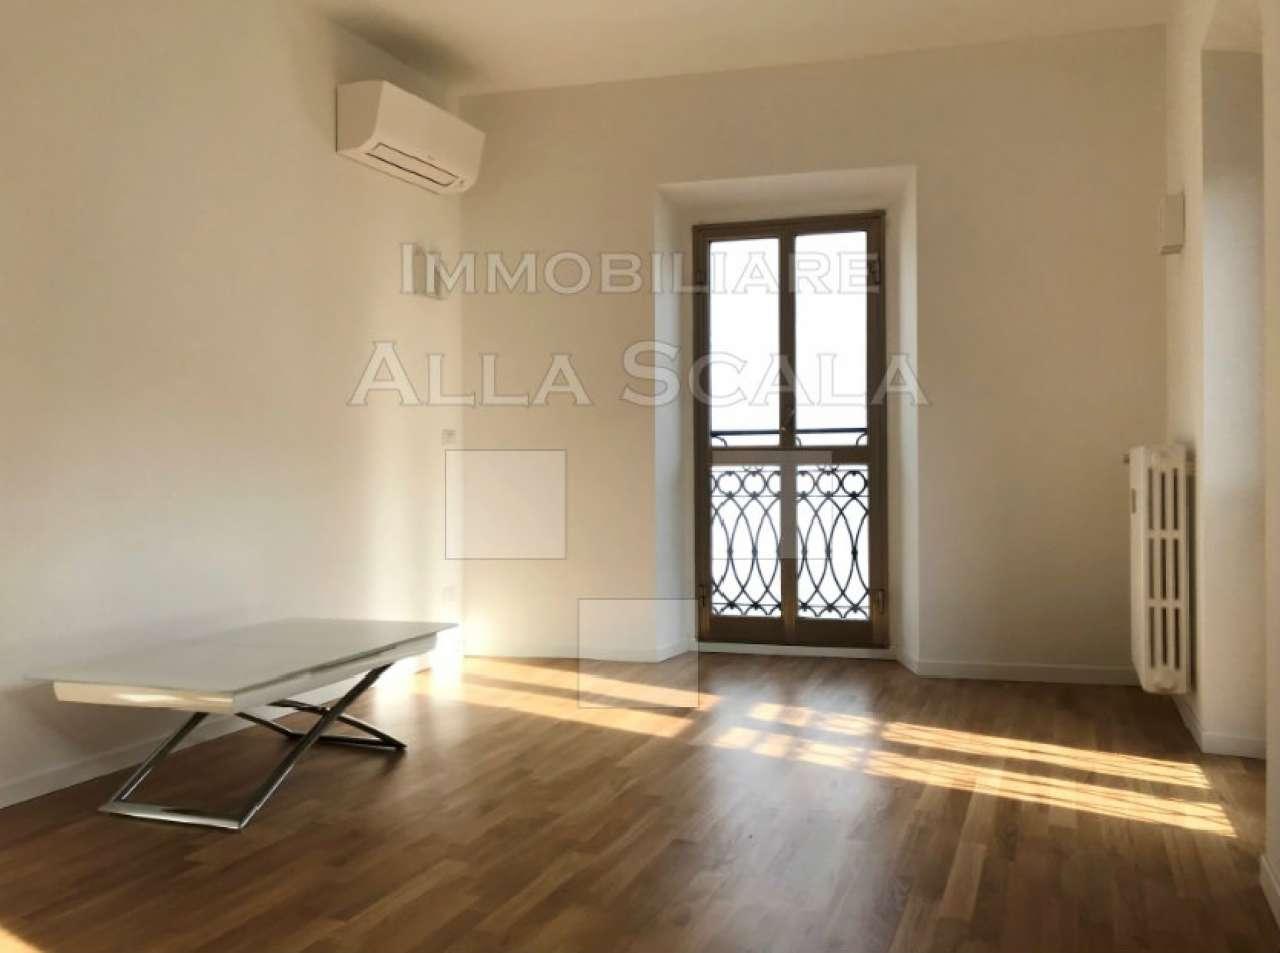 appartamento in affitto a milano corso monforte - trovocasa.it